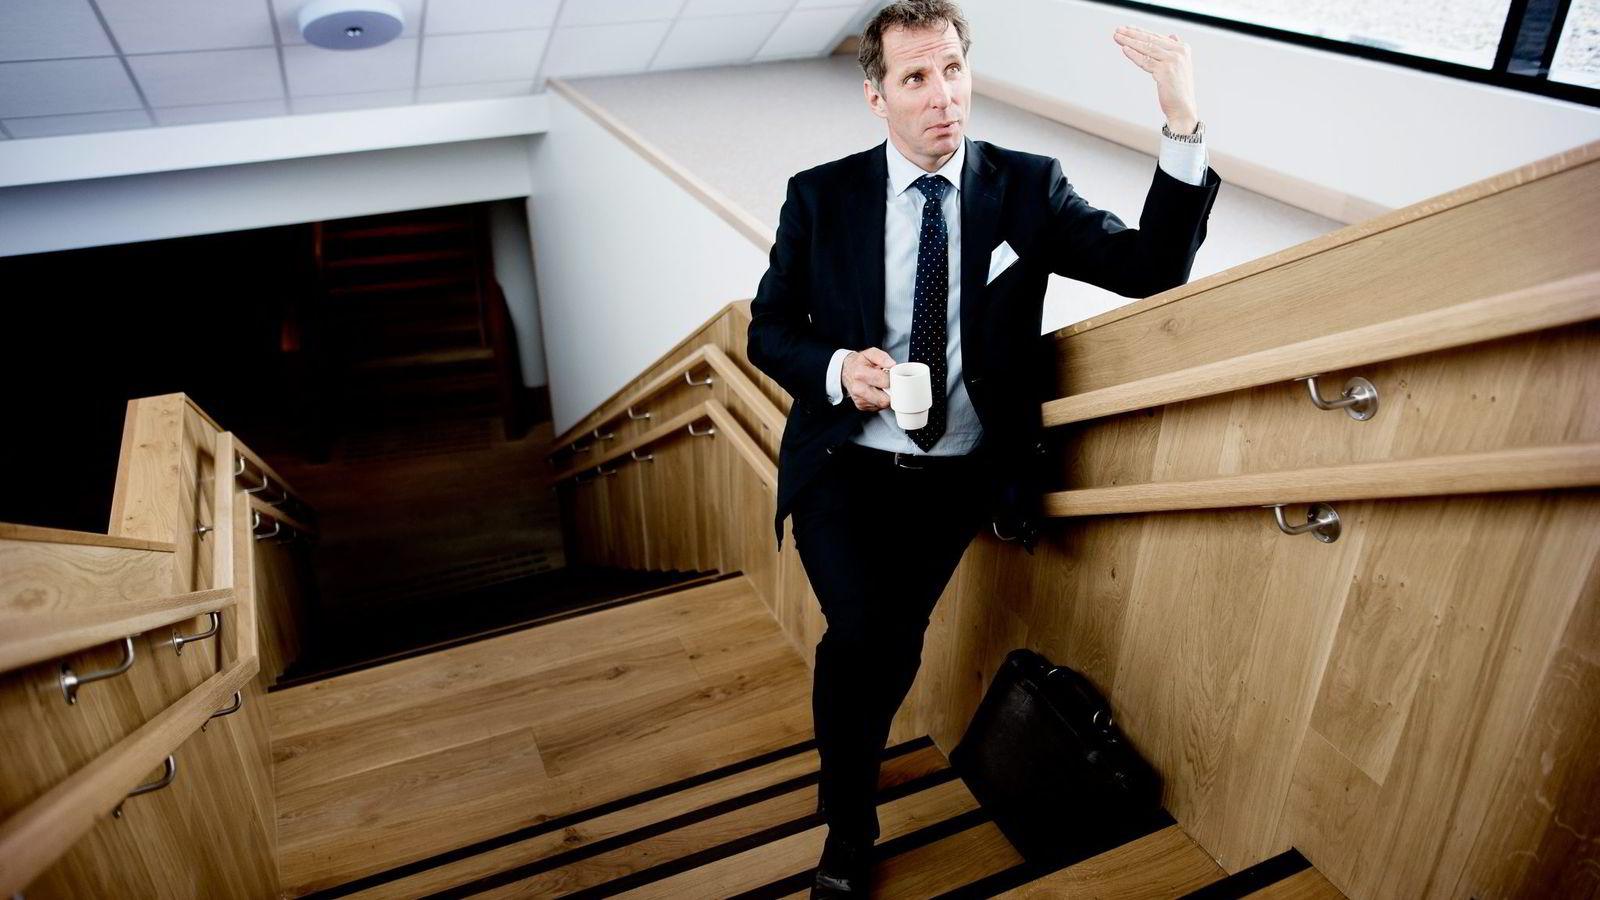 TRENGER TRESIFRET OLJEPRIS. - Jeg er ikke optimist, men realist, sier oljerådgiver Jarand Rystad.